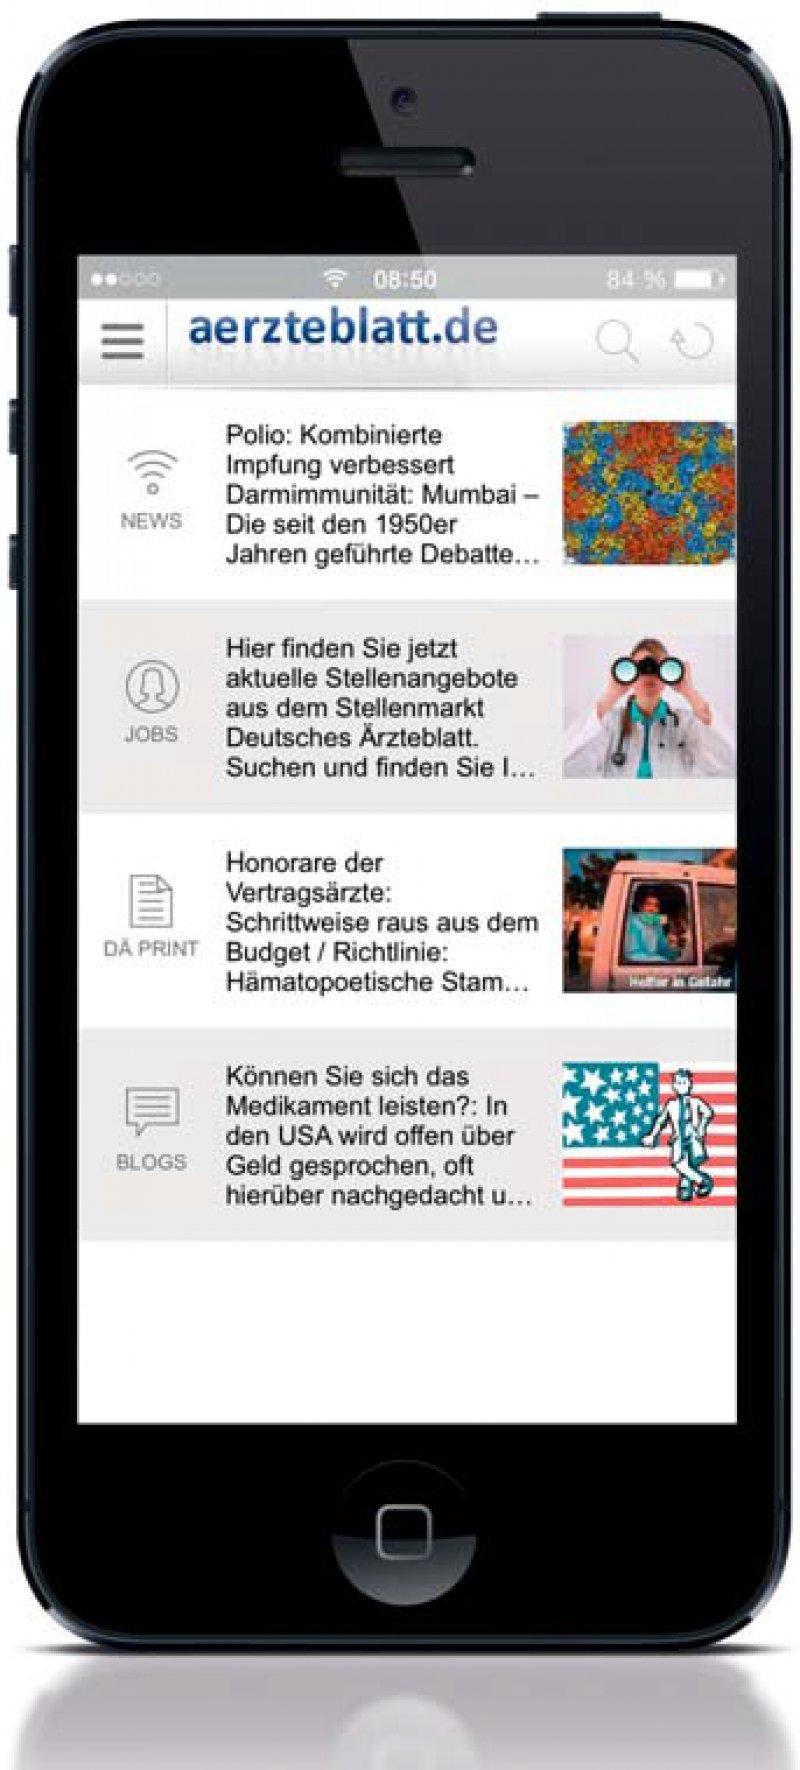 """aerzteblatt.de-App: Die vierte Version bietet einige Neuerungen: Print-Artikel lassen sich als PDFDatei speichern, eine Themenauswahl im News-Bereich zur besseren Orientierung, Bildergalerien in Nachrichten, die Übernahme des Job-Profils aus """"Mein DÄ"""" und einen integrierten QR-Code-Reader. Eine überarbei- tete Android-App wird in Kürze erscheinen."""